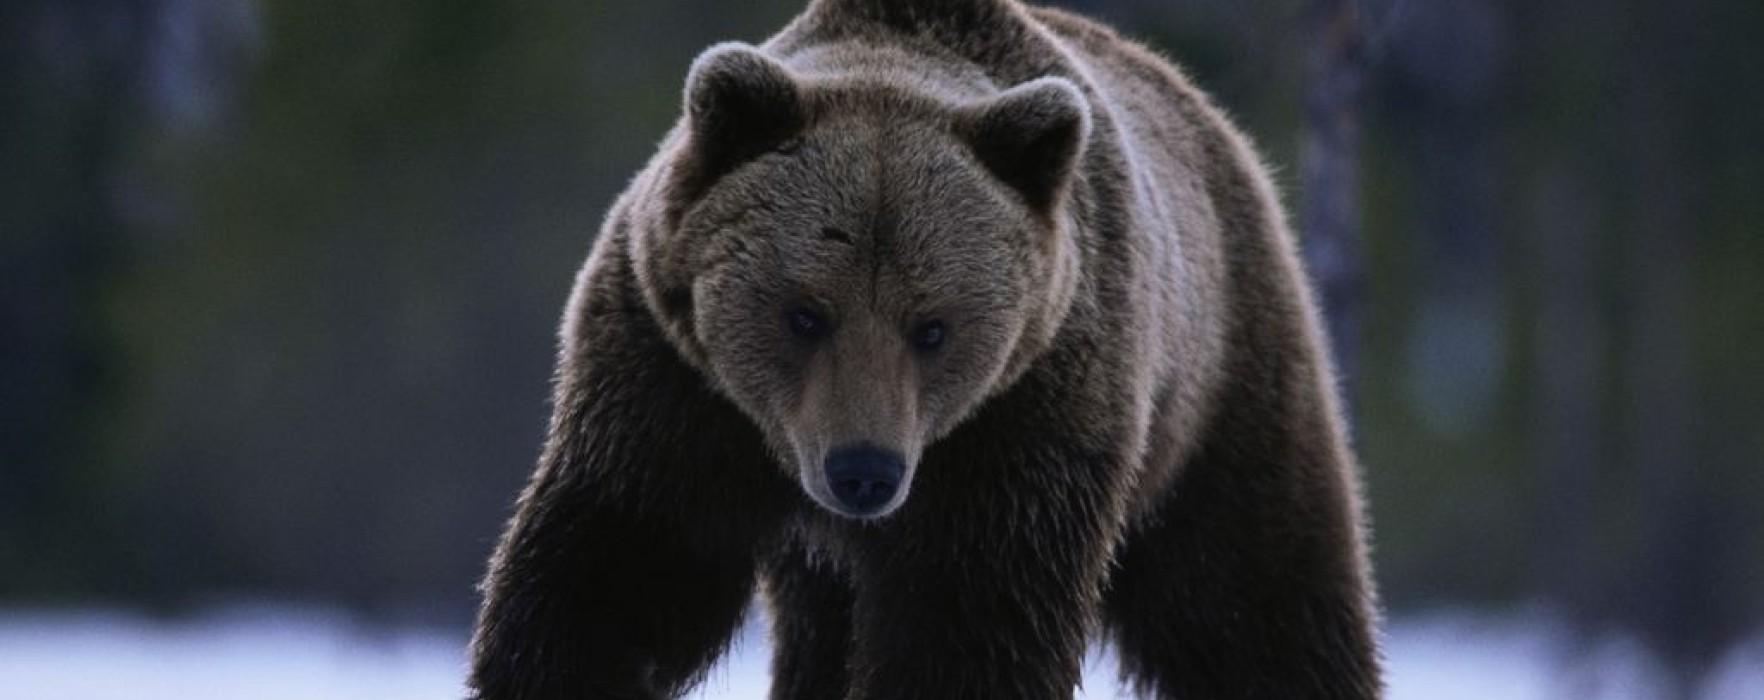 Ursul care a atacat un bărbat la Padina avea rabie